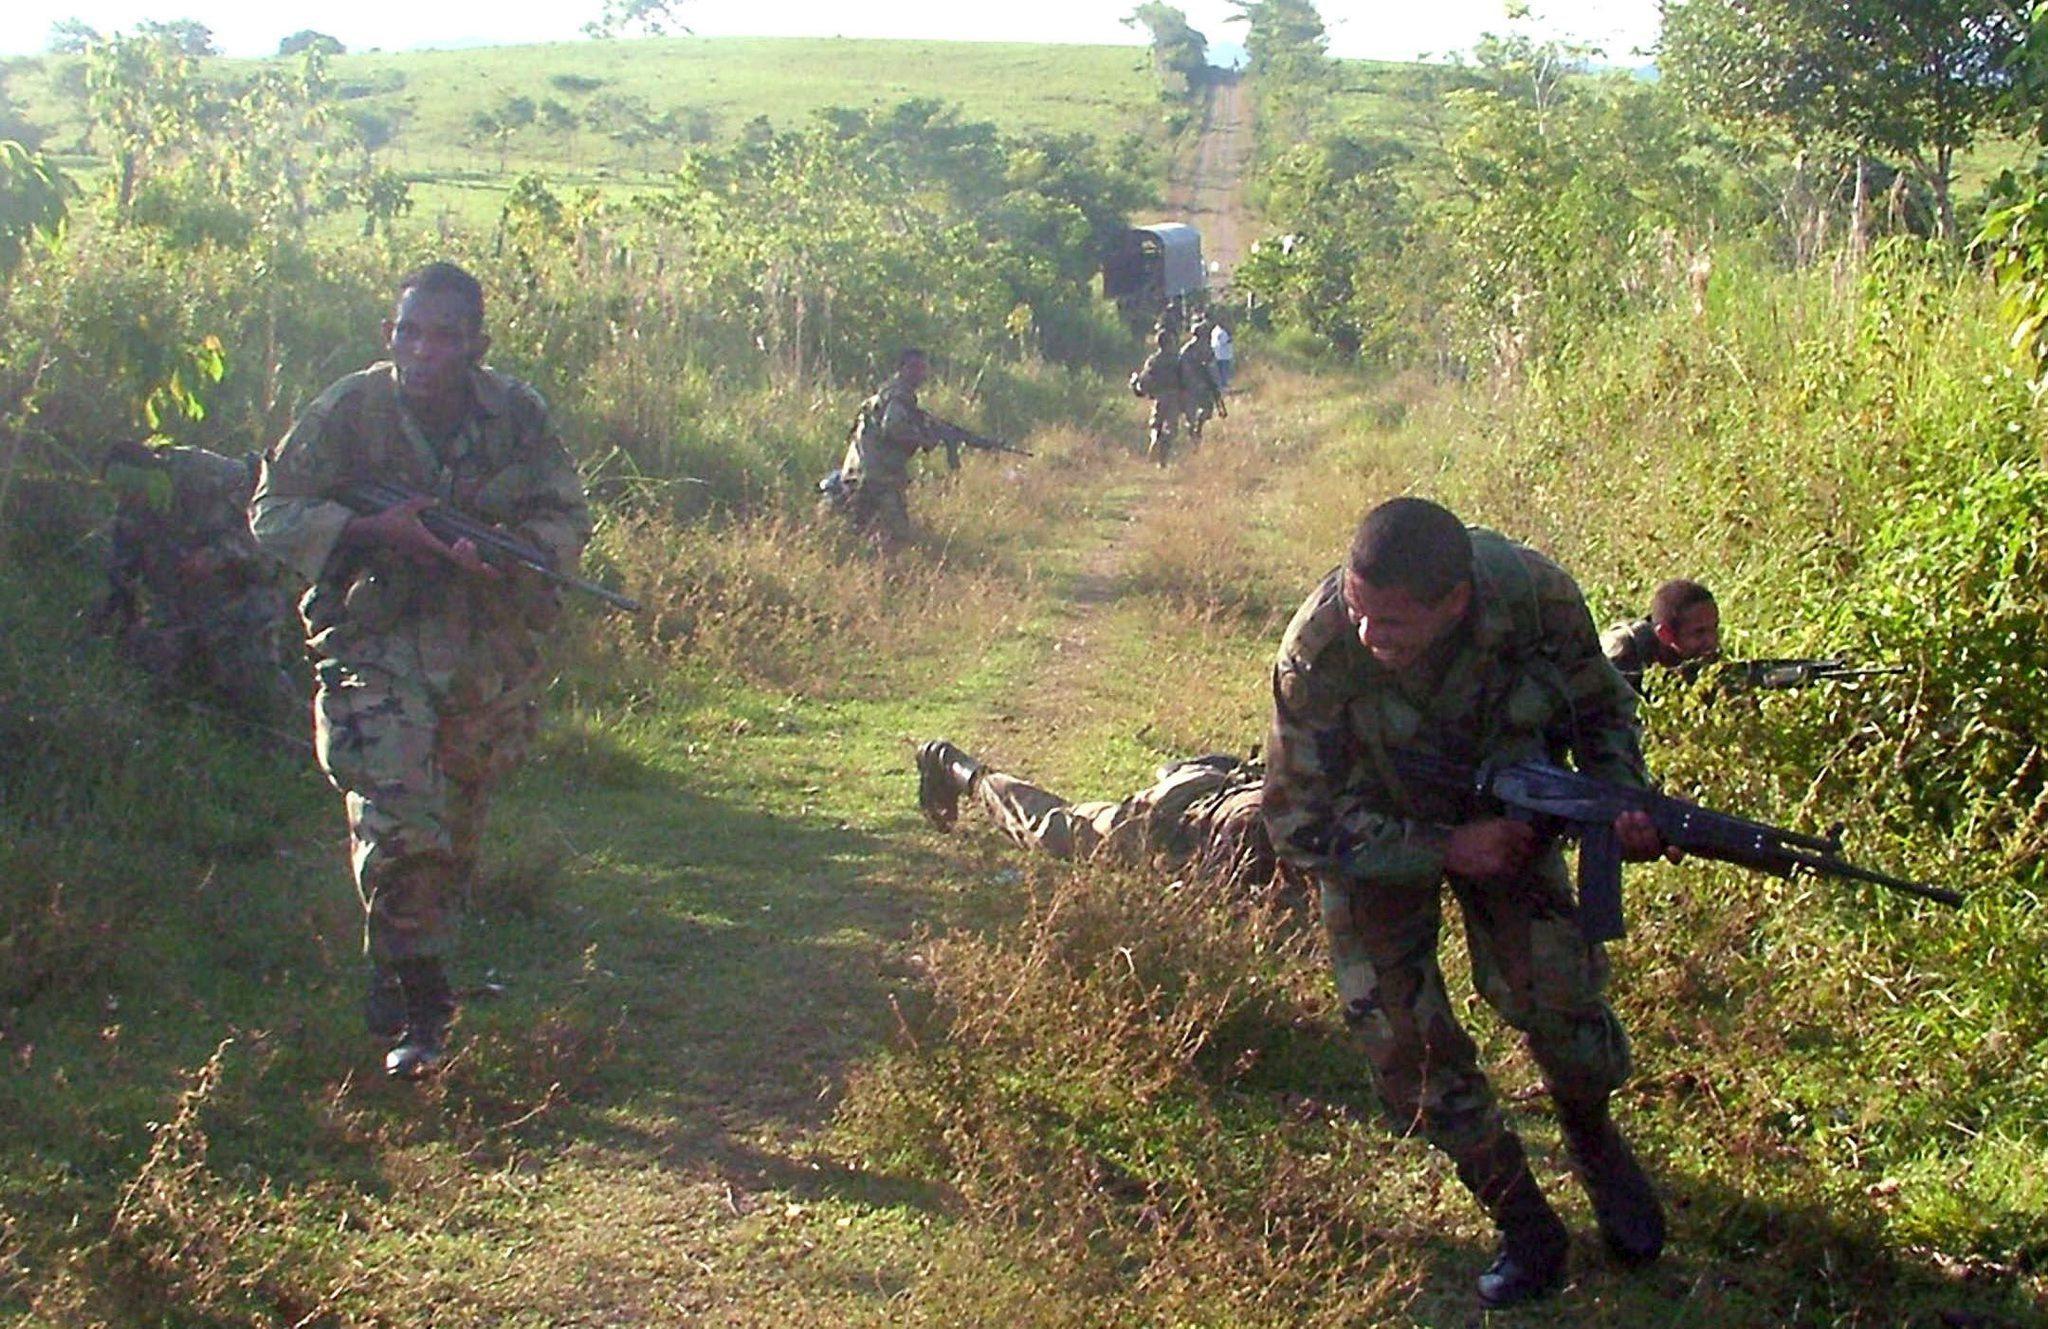 Κολομβία: Έρευνα για τη στρατολόγηση 18.667 ανηλίκων από αντάρτες της FARC